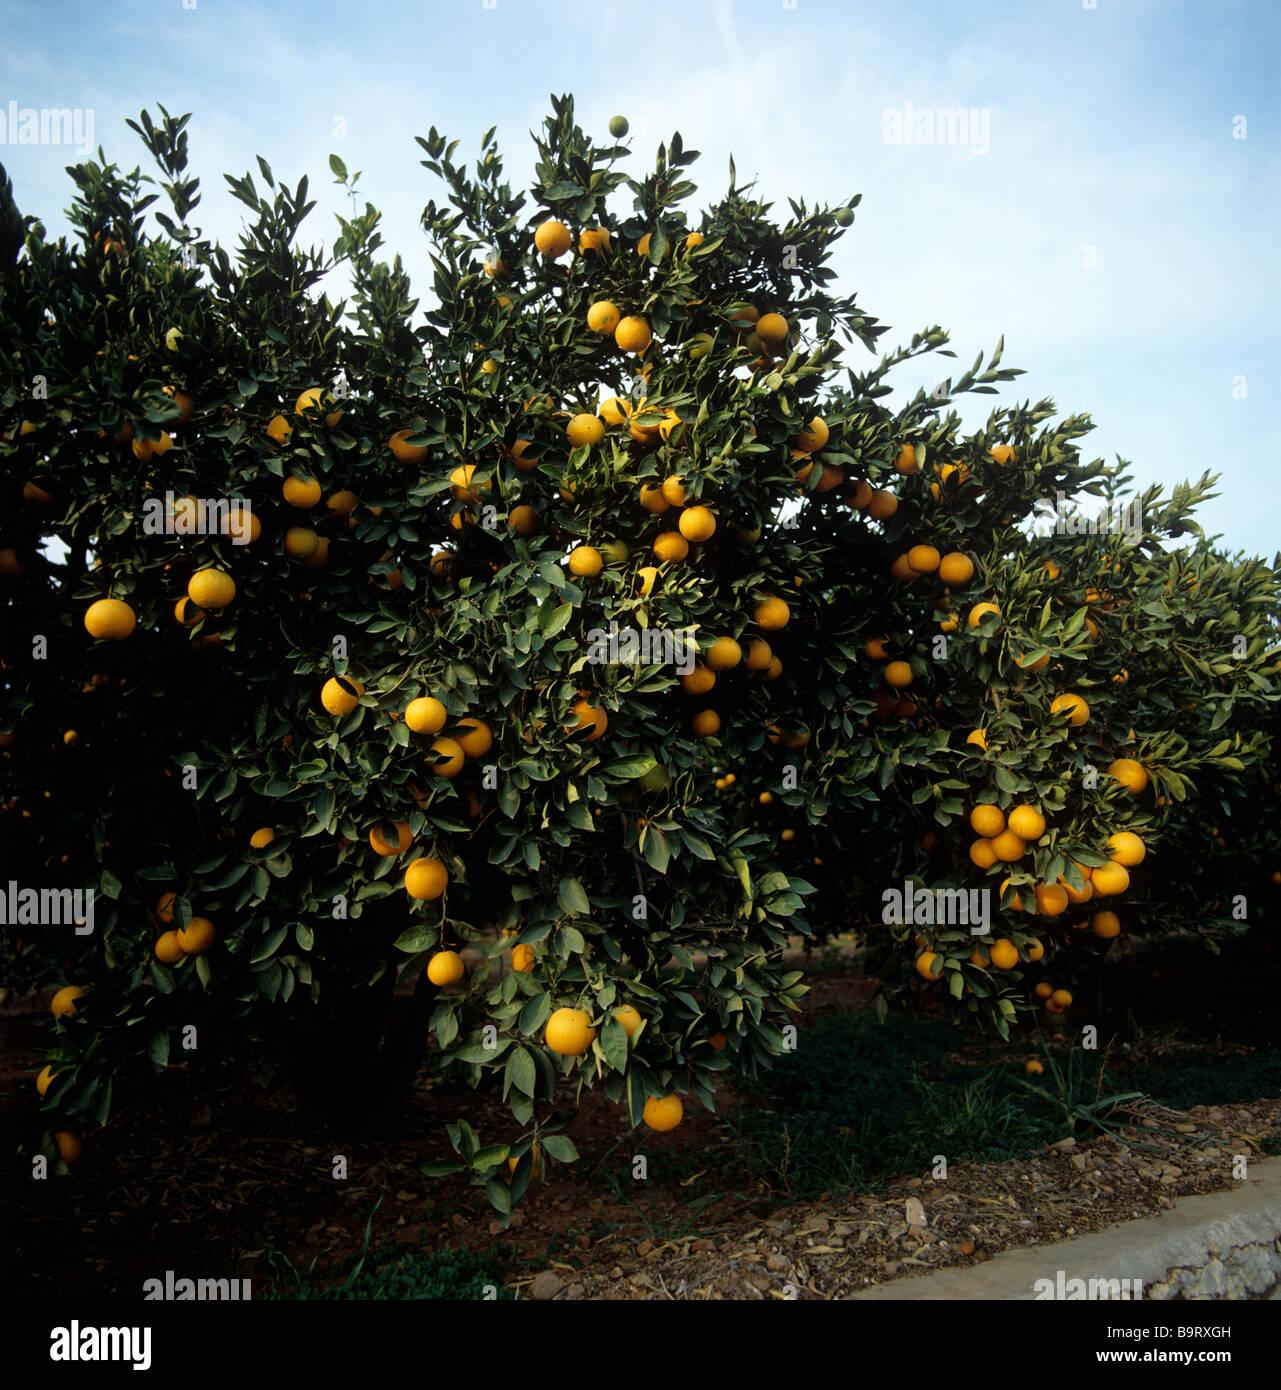 Orangenbäume in einem Obstgarten mit reifen Früchten in der Nähe von Valencia, Spanien Stockbild